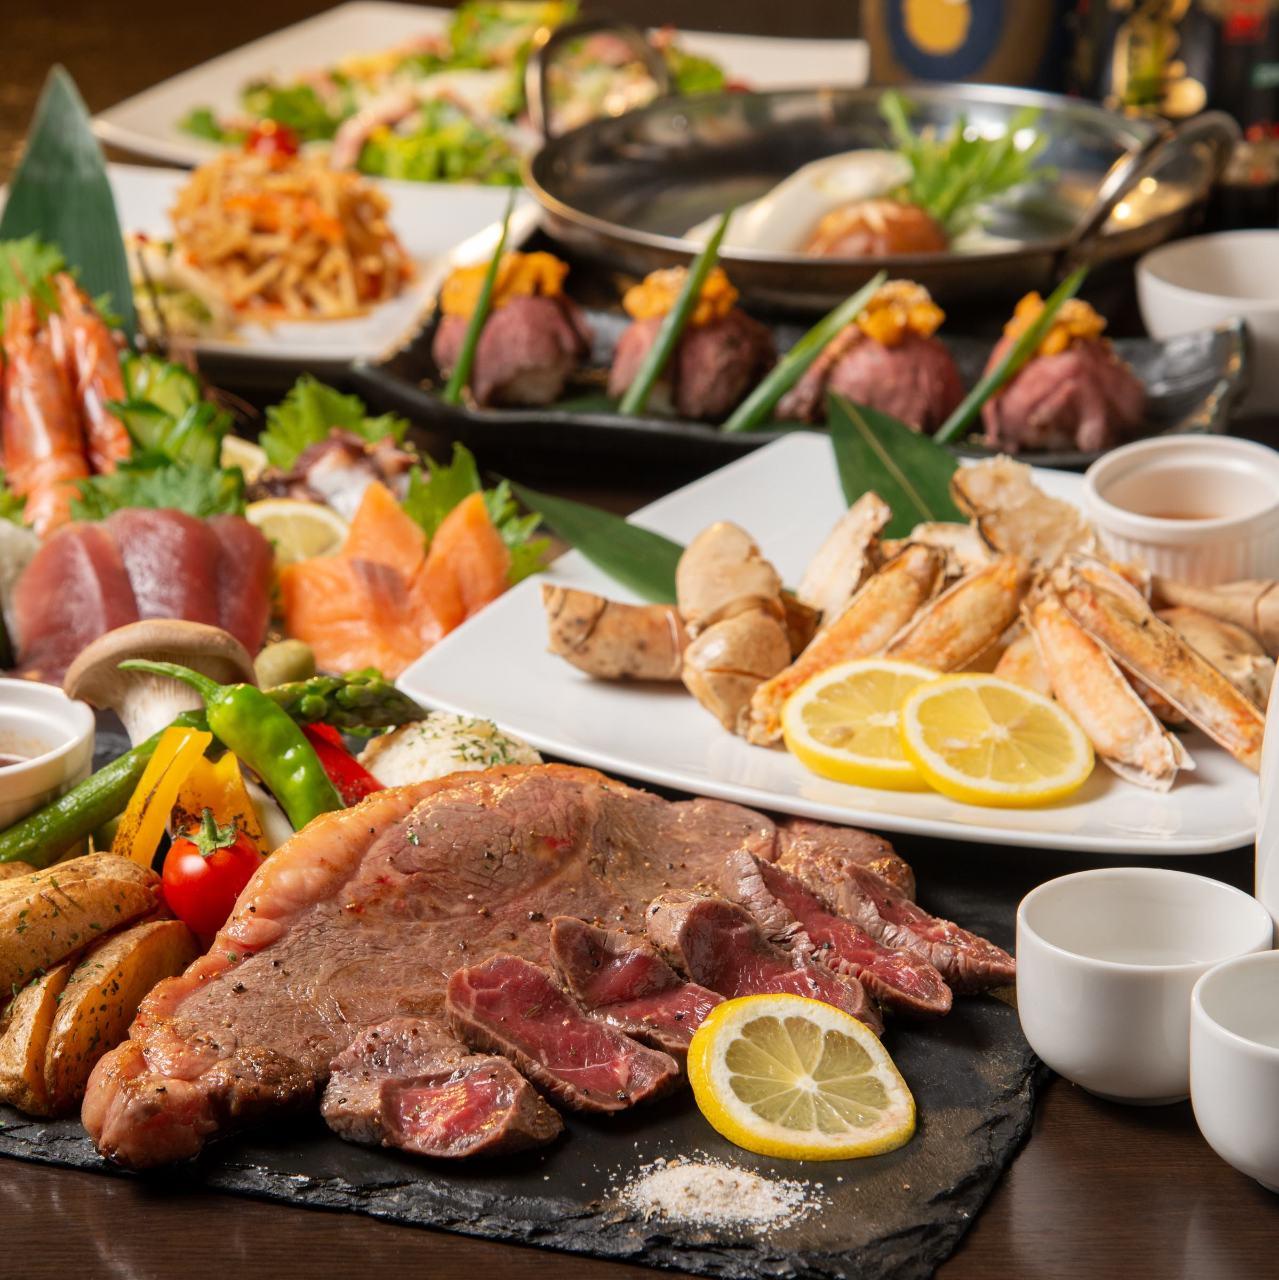 ◆金美コース◆3h飲放×料理8品◆当店一番◎ウニのせ肉寿司に厚切りステーキ等5,300円→ 4,300円